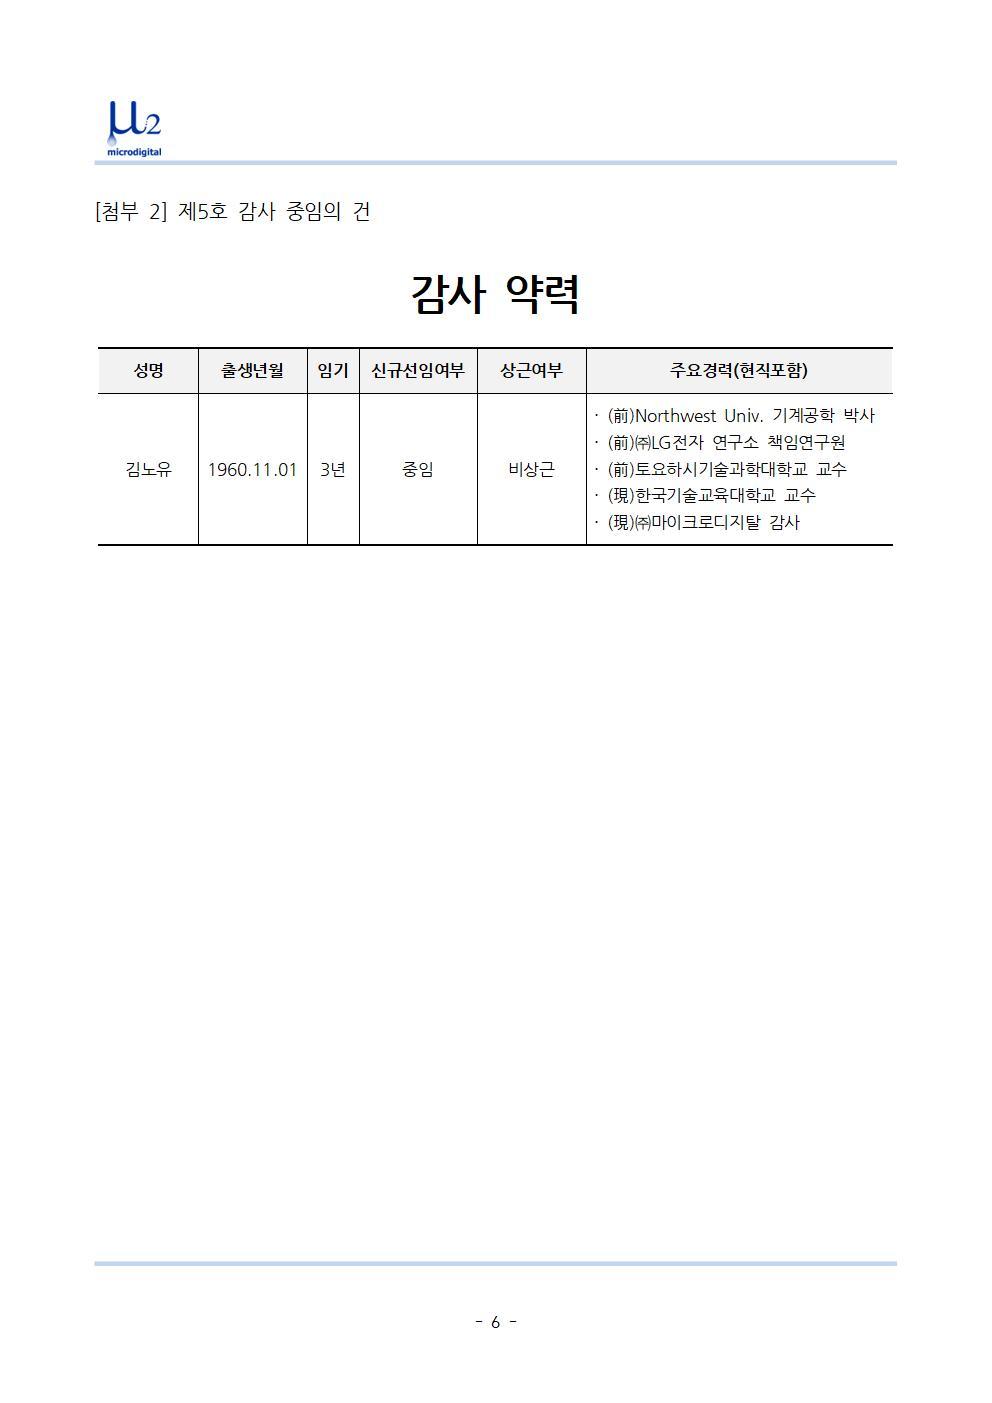 03_정기주주총회_공고문_감사006.jpg